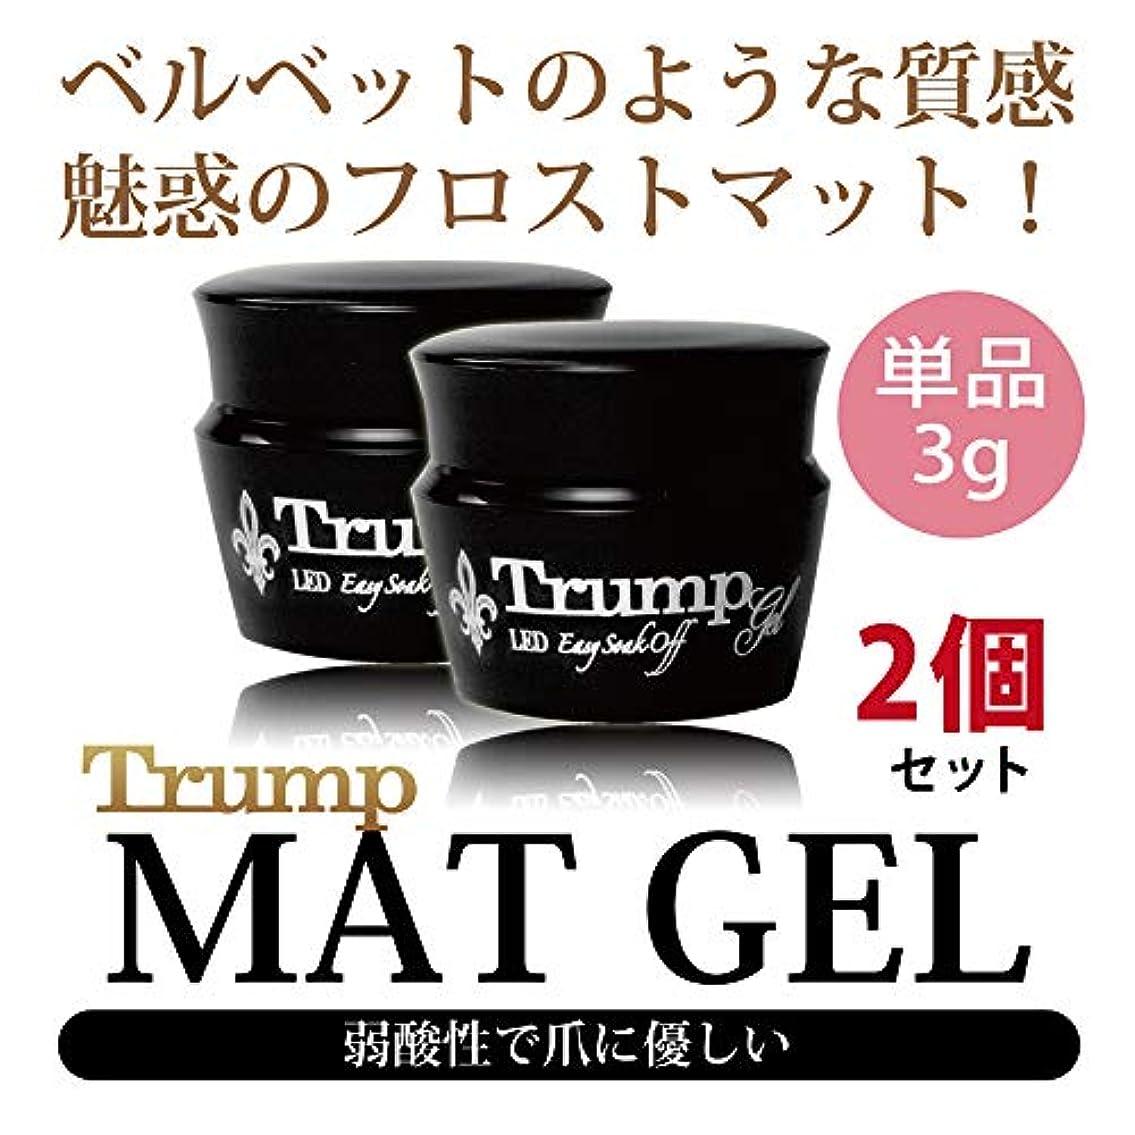 焼く明示的に予備Trump gel マットトップジェル 3g 2個セット